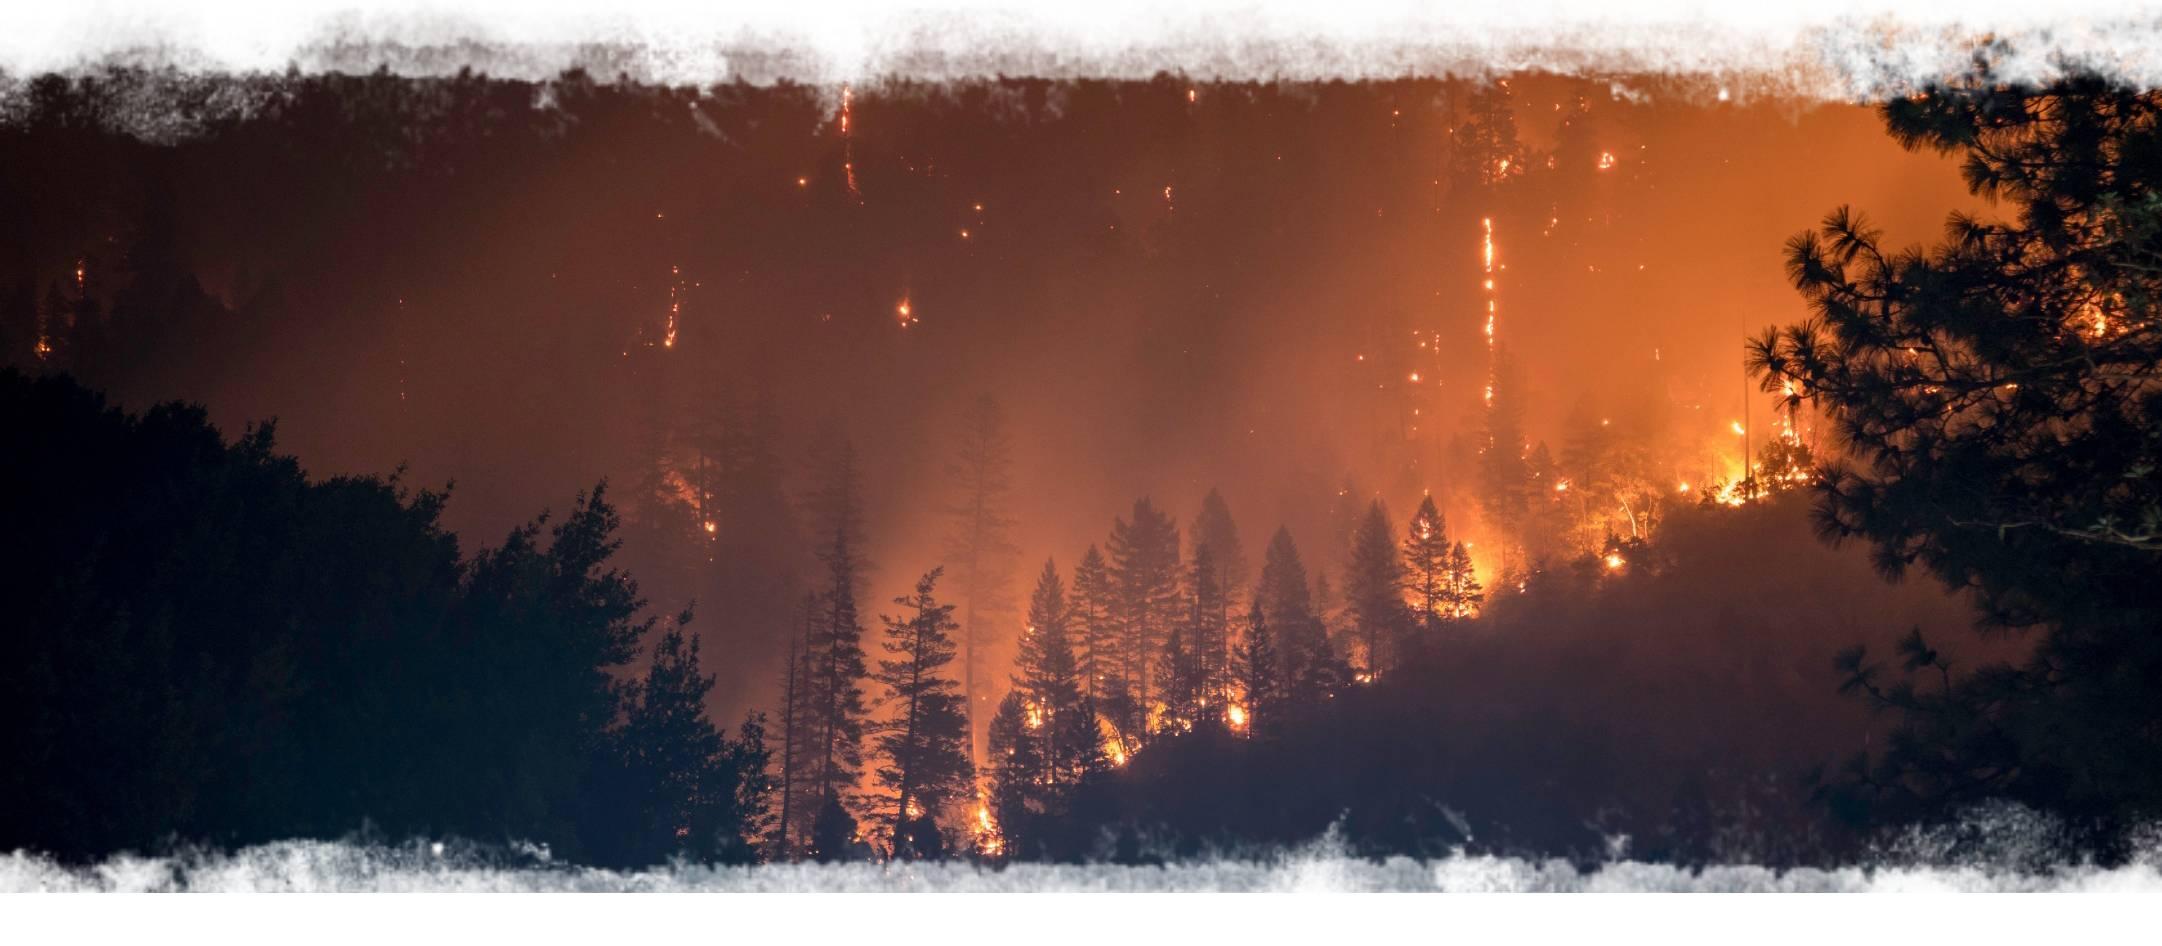 forest-fire (1).jpg